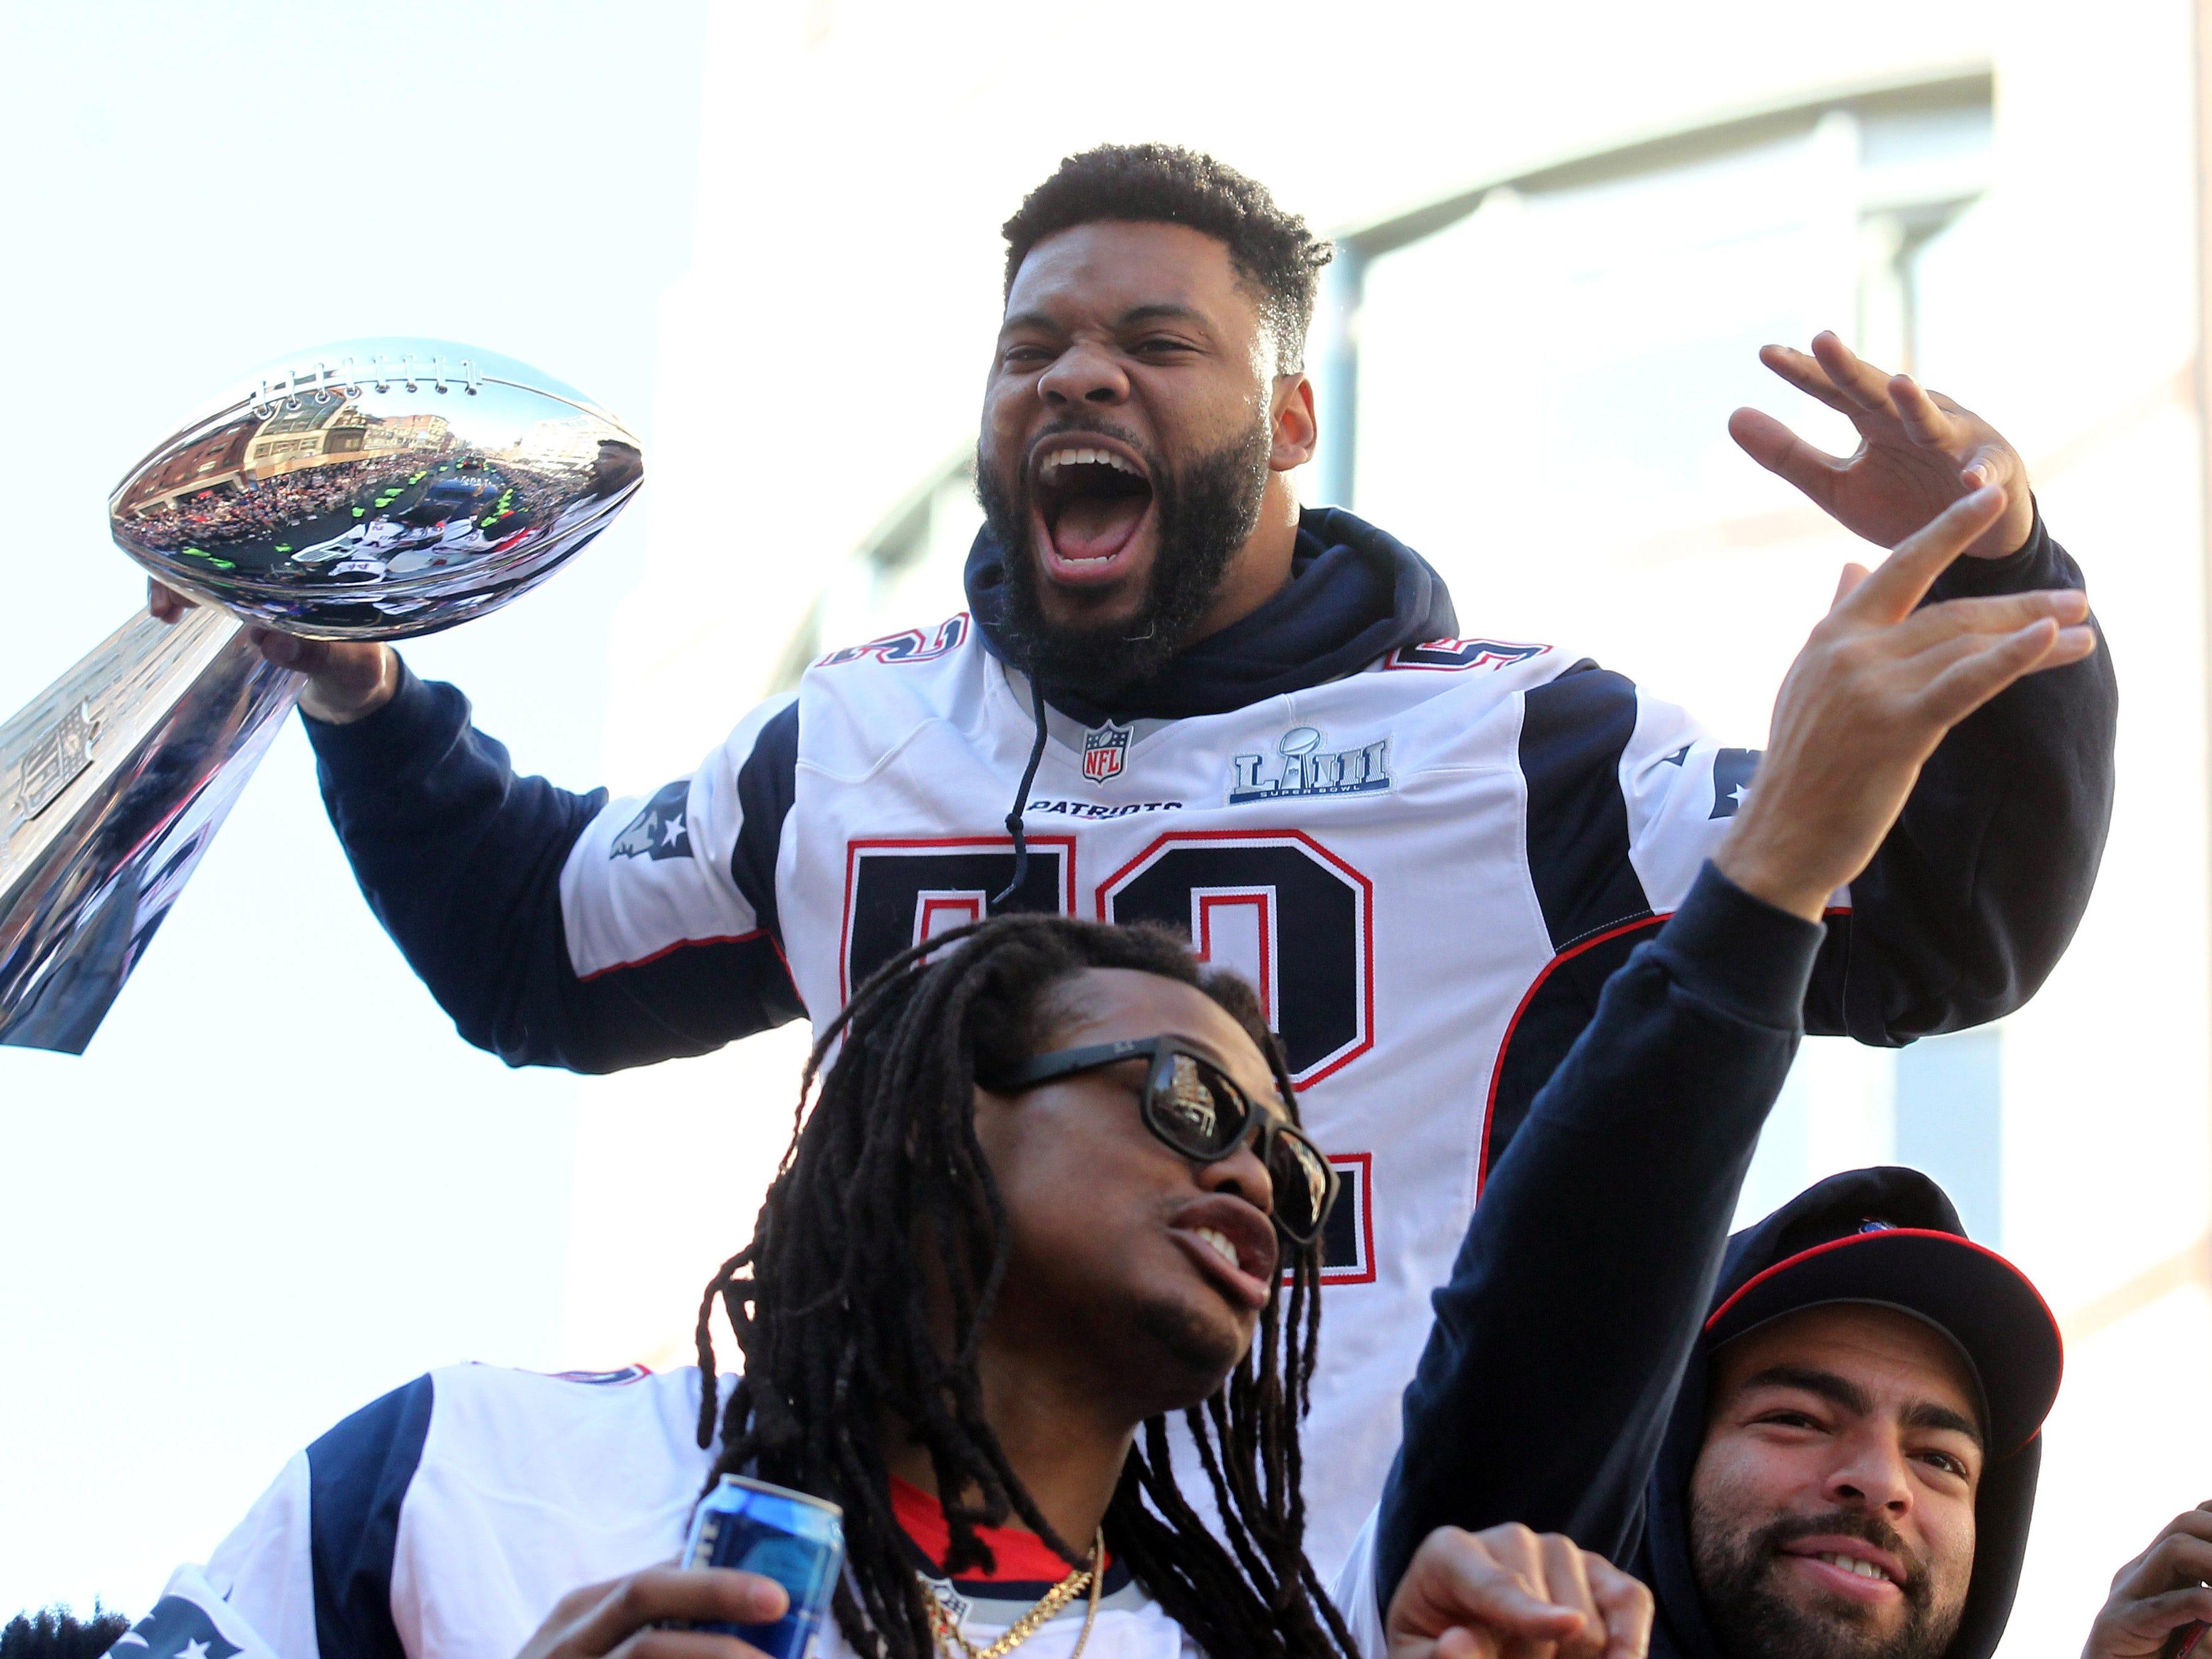 New England Patriots linebacker Elandon Roberts (52) yells at fans during the Super Bowl LIII championship parade.